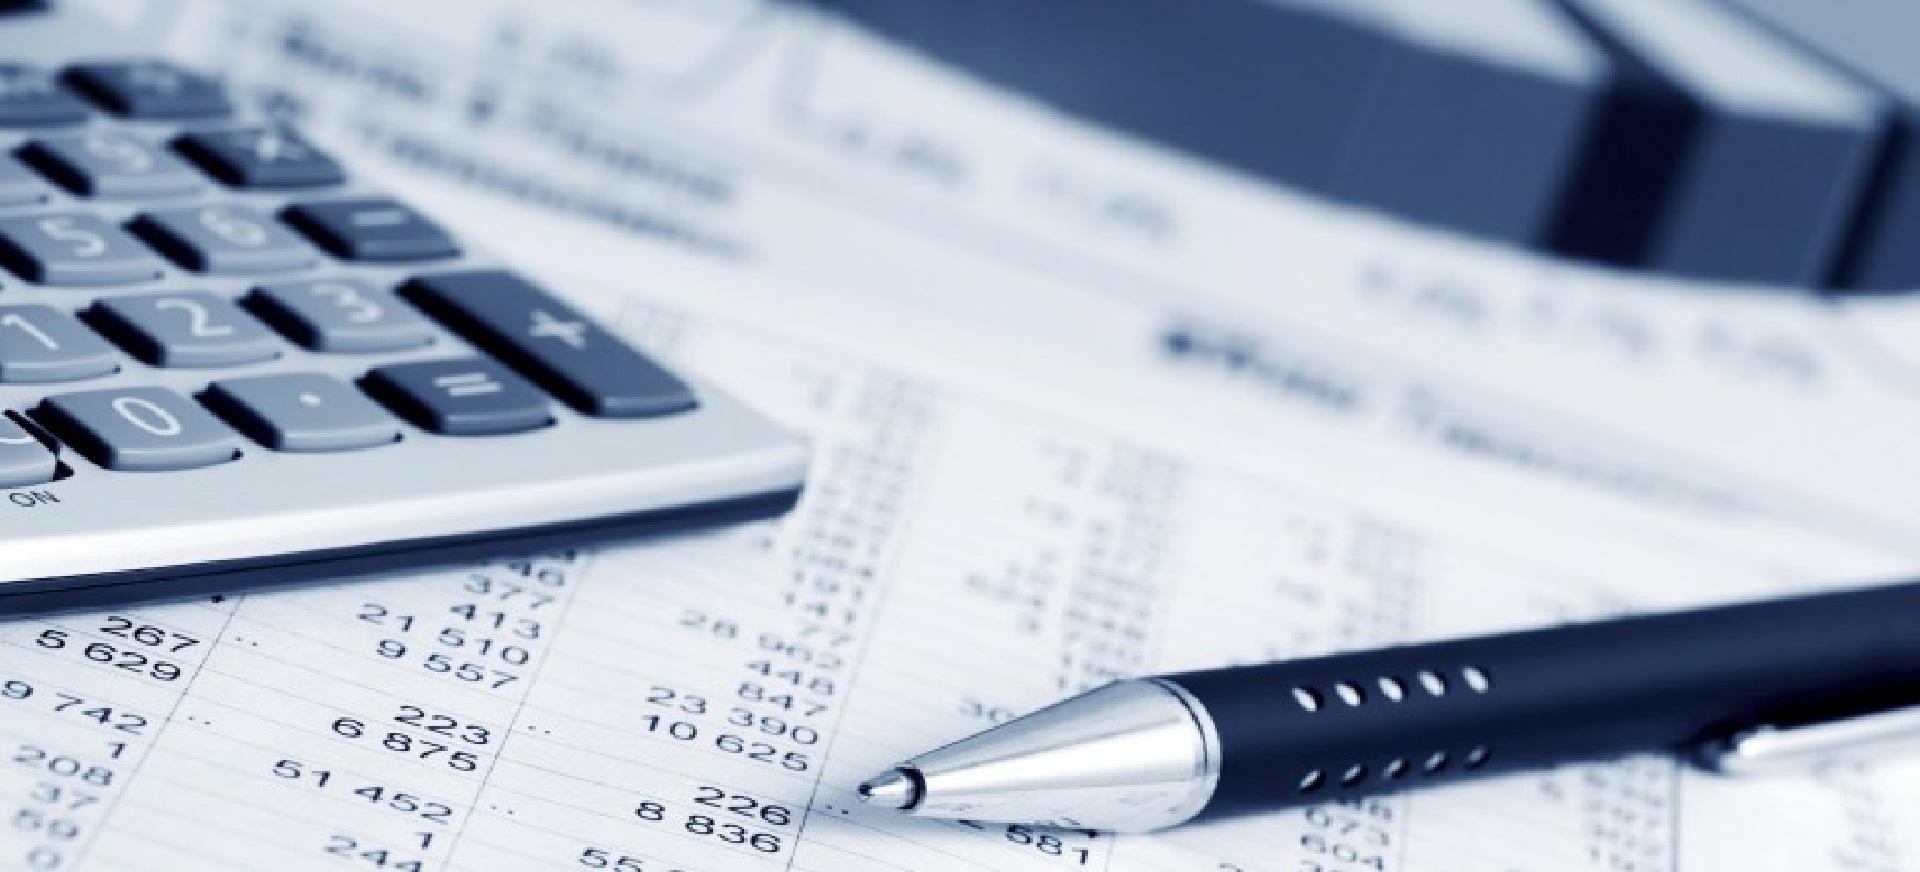 Une application de gestion comptable et financière, commerciale, fiscale et sociale...